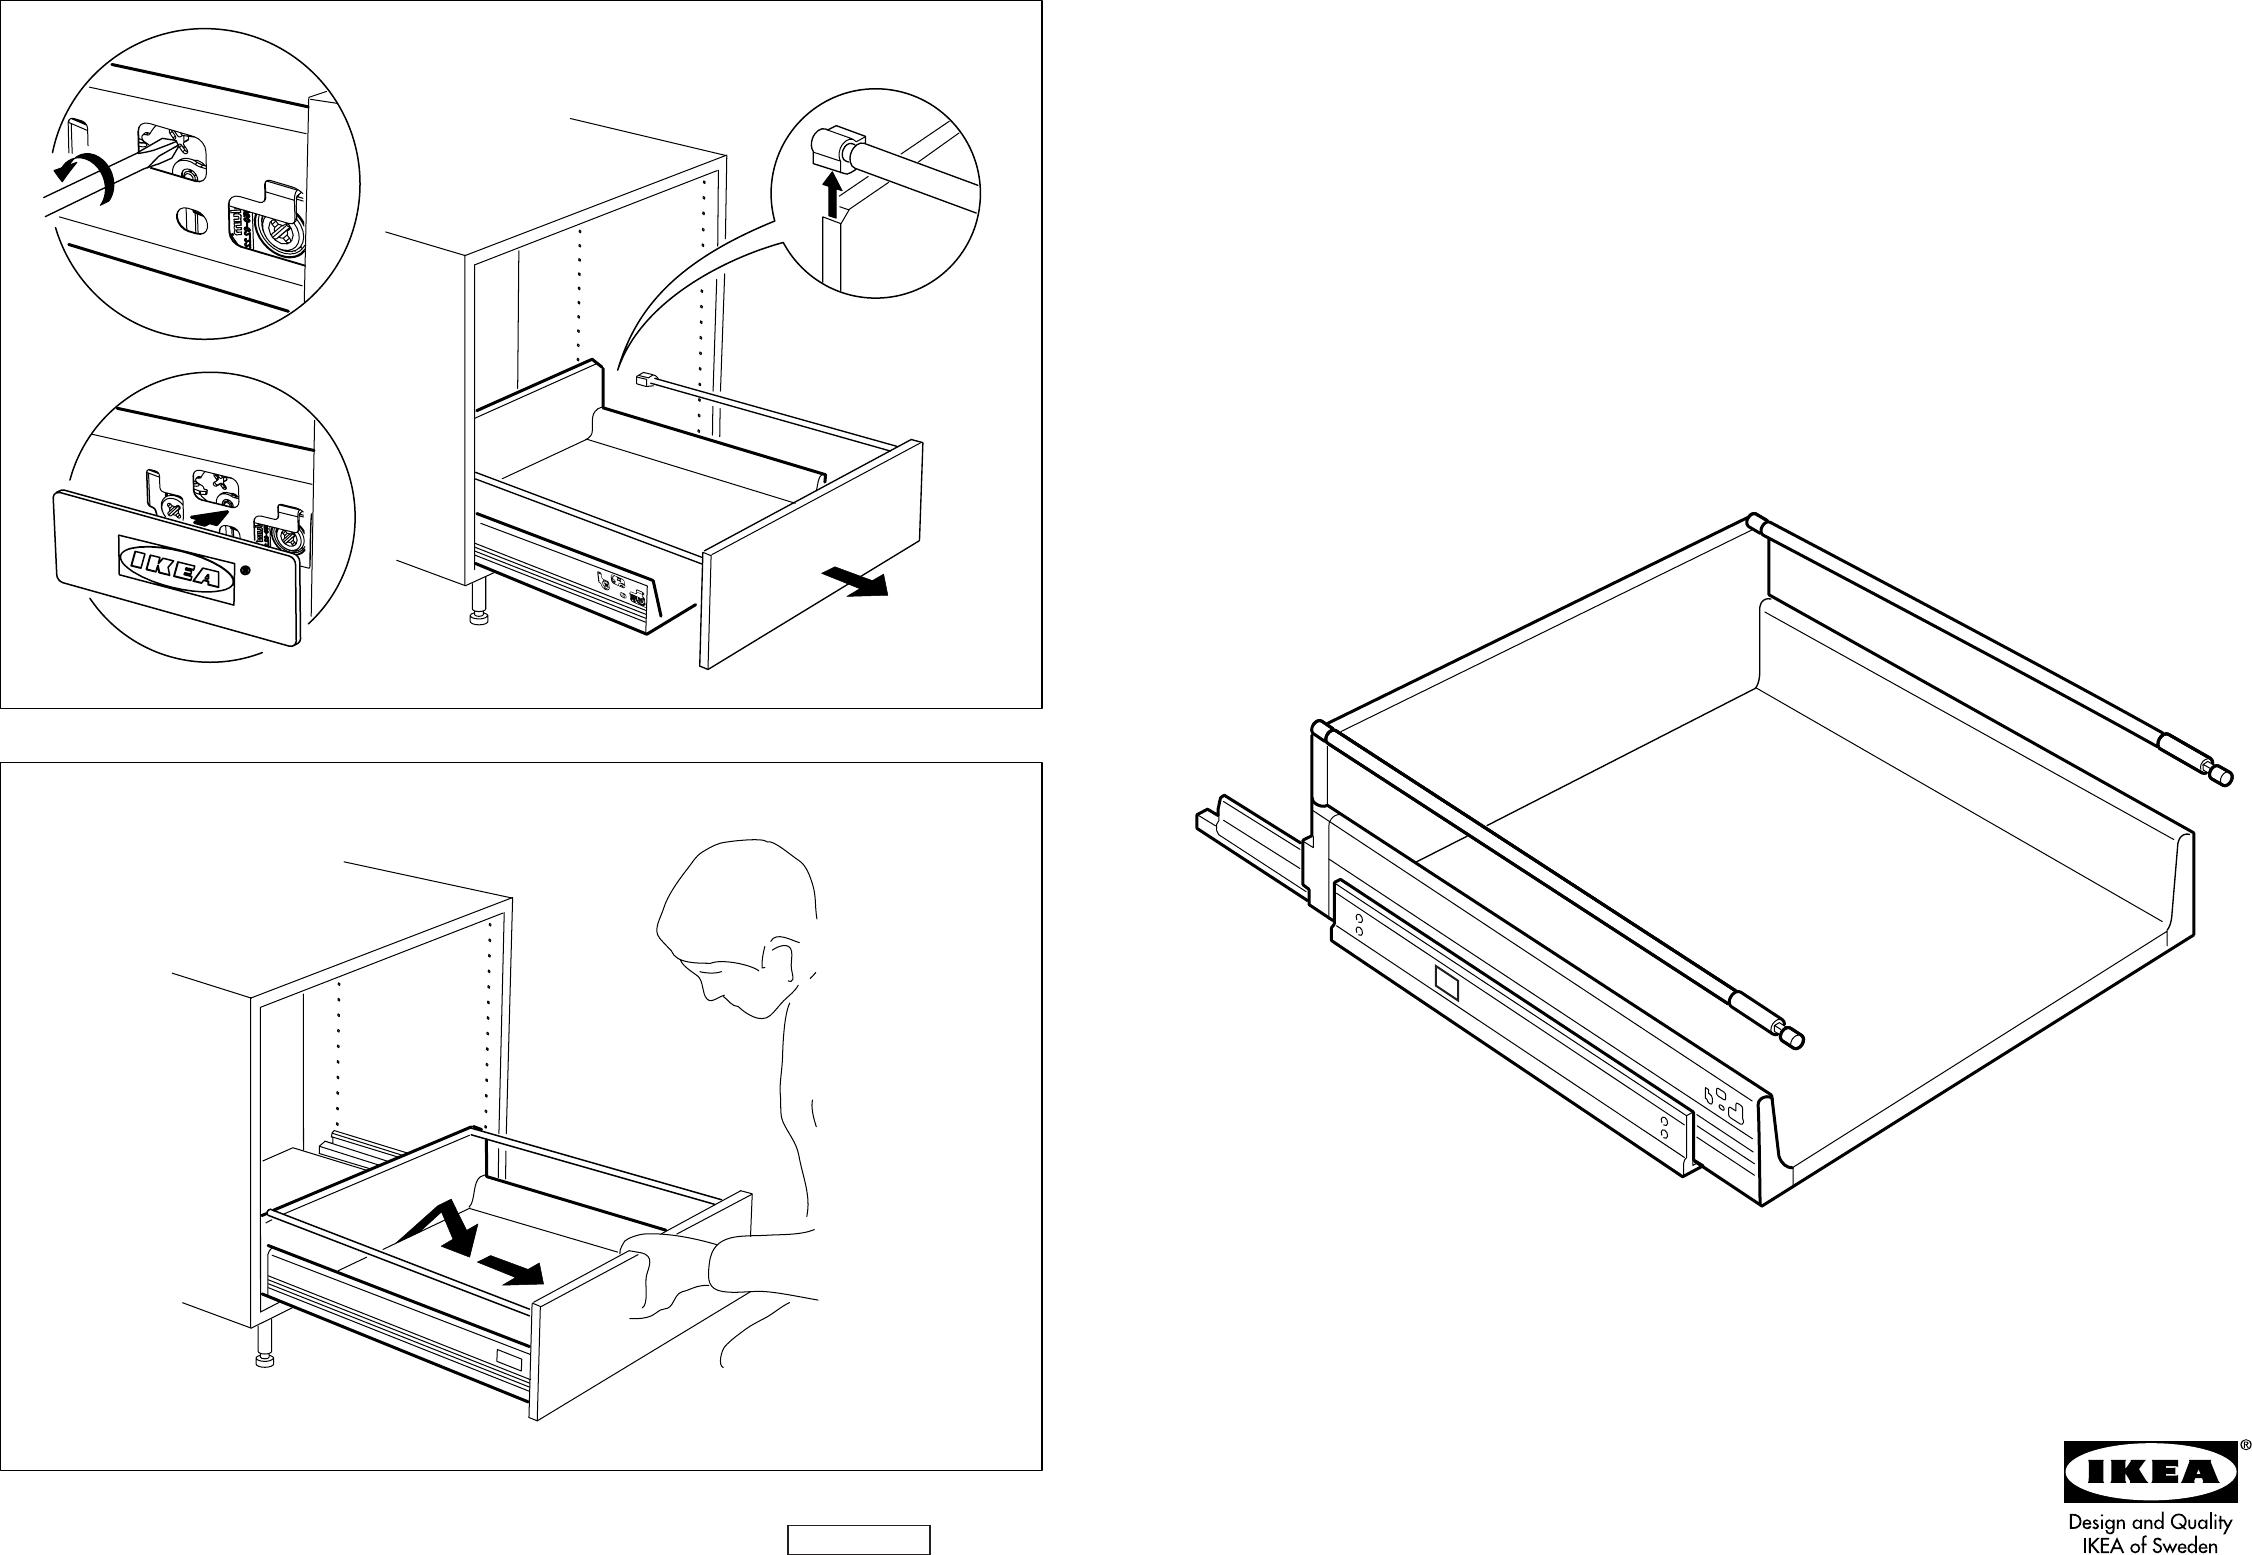 Bedienungsanleitung Ikea Rationell Accesoire Lade Seite 3 Von 4 Danisch Deutsch Englisch Spanisch Franzosisch Italienisch Hollandisch Norwegisch Polnisch Portugiesisch Finnisch Schwedisch